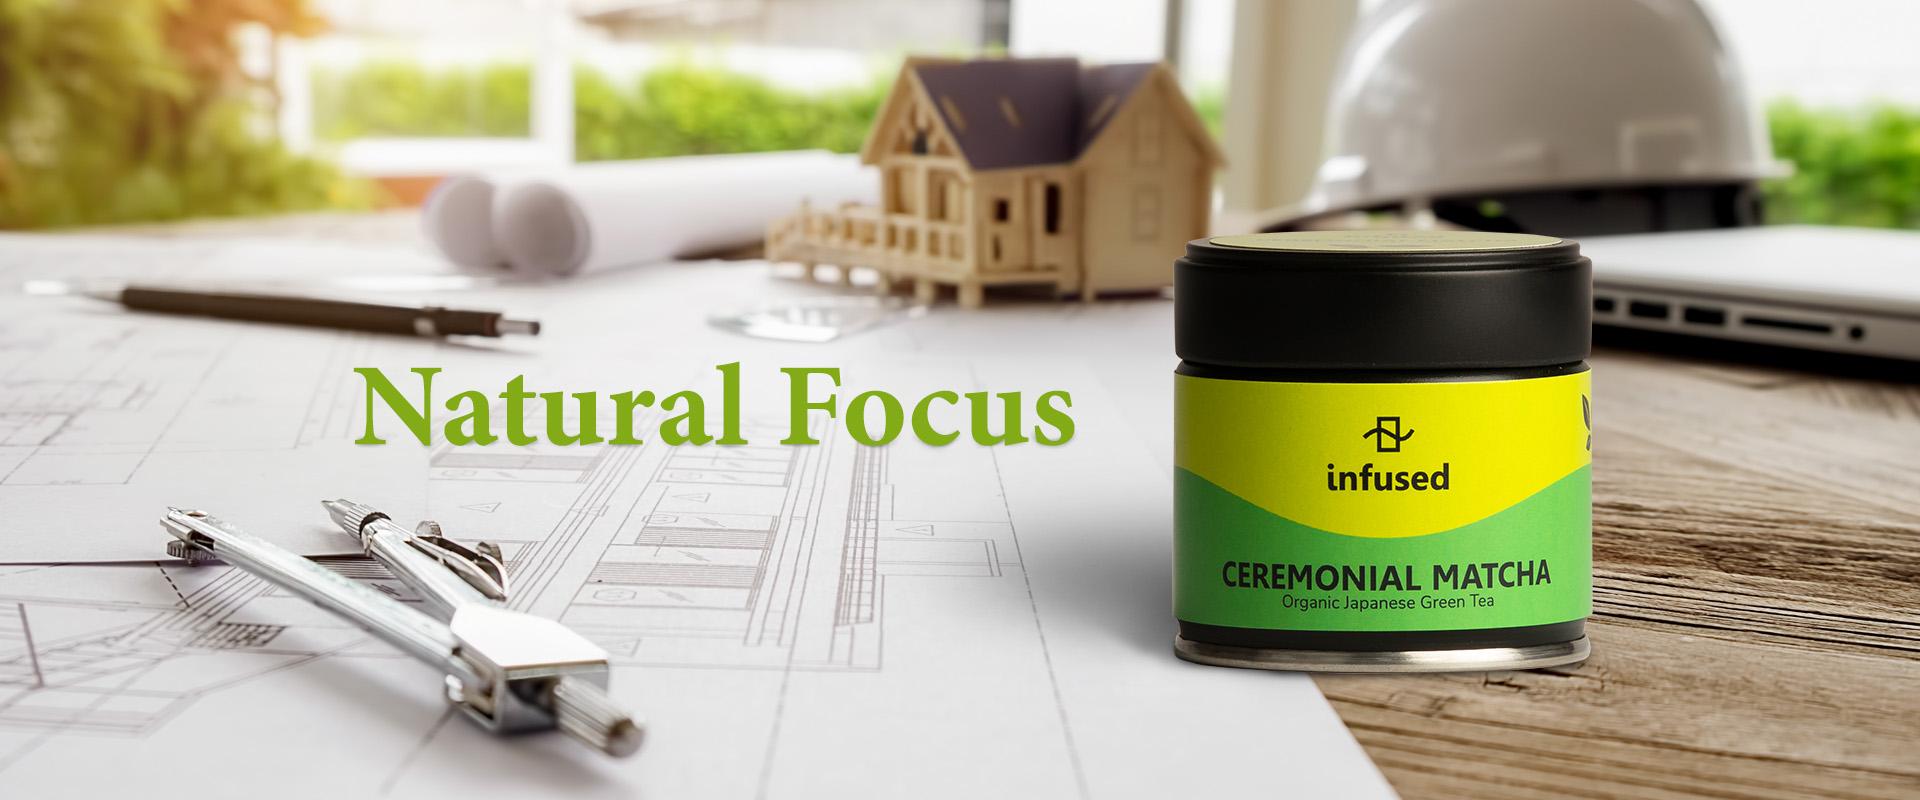 Natural Focus